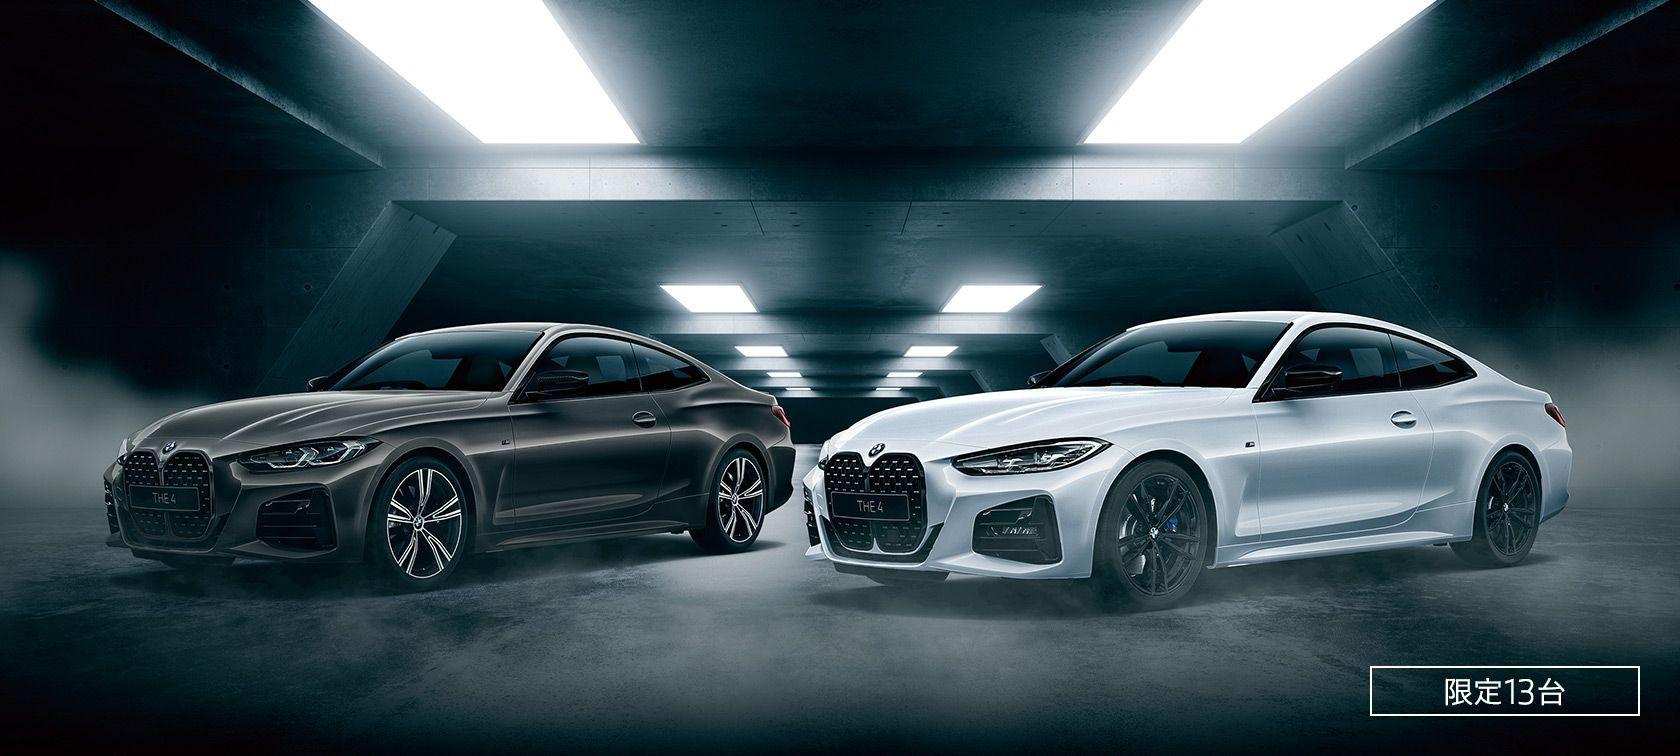 新型BMW4シリーズクーペ(G22)13台限定のオンライン販売限定車「Edition EDGE」発売中!すでに何台か売れてます。